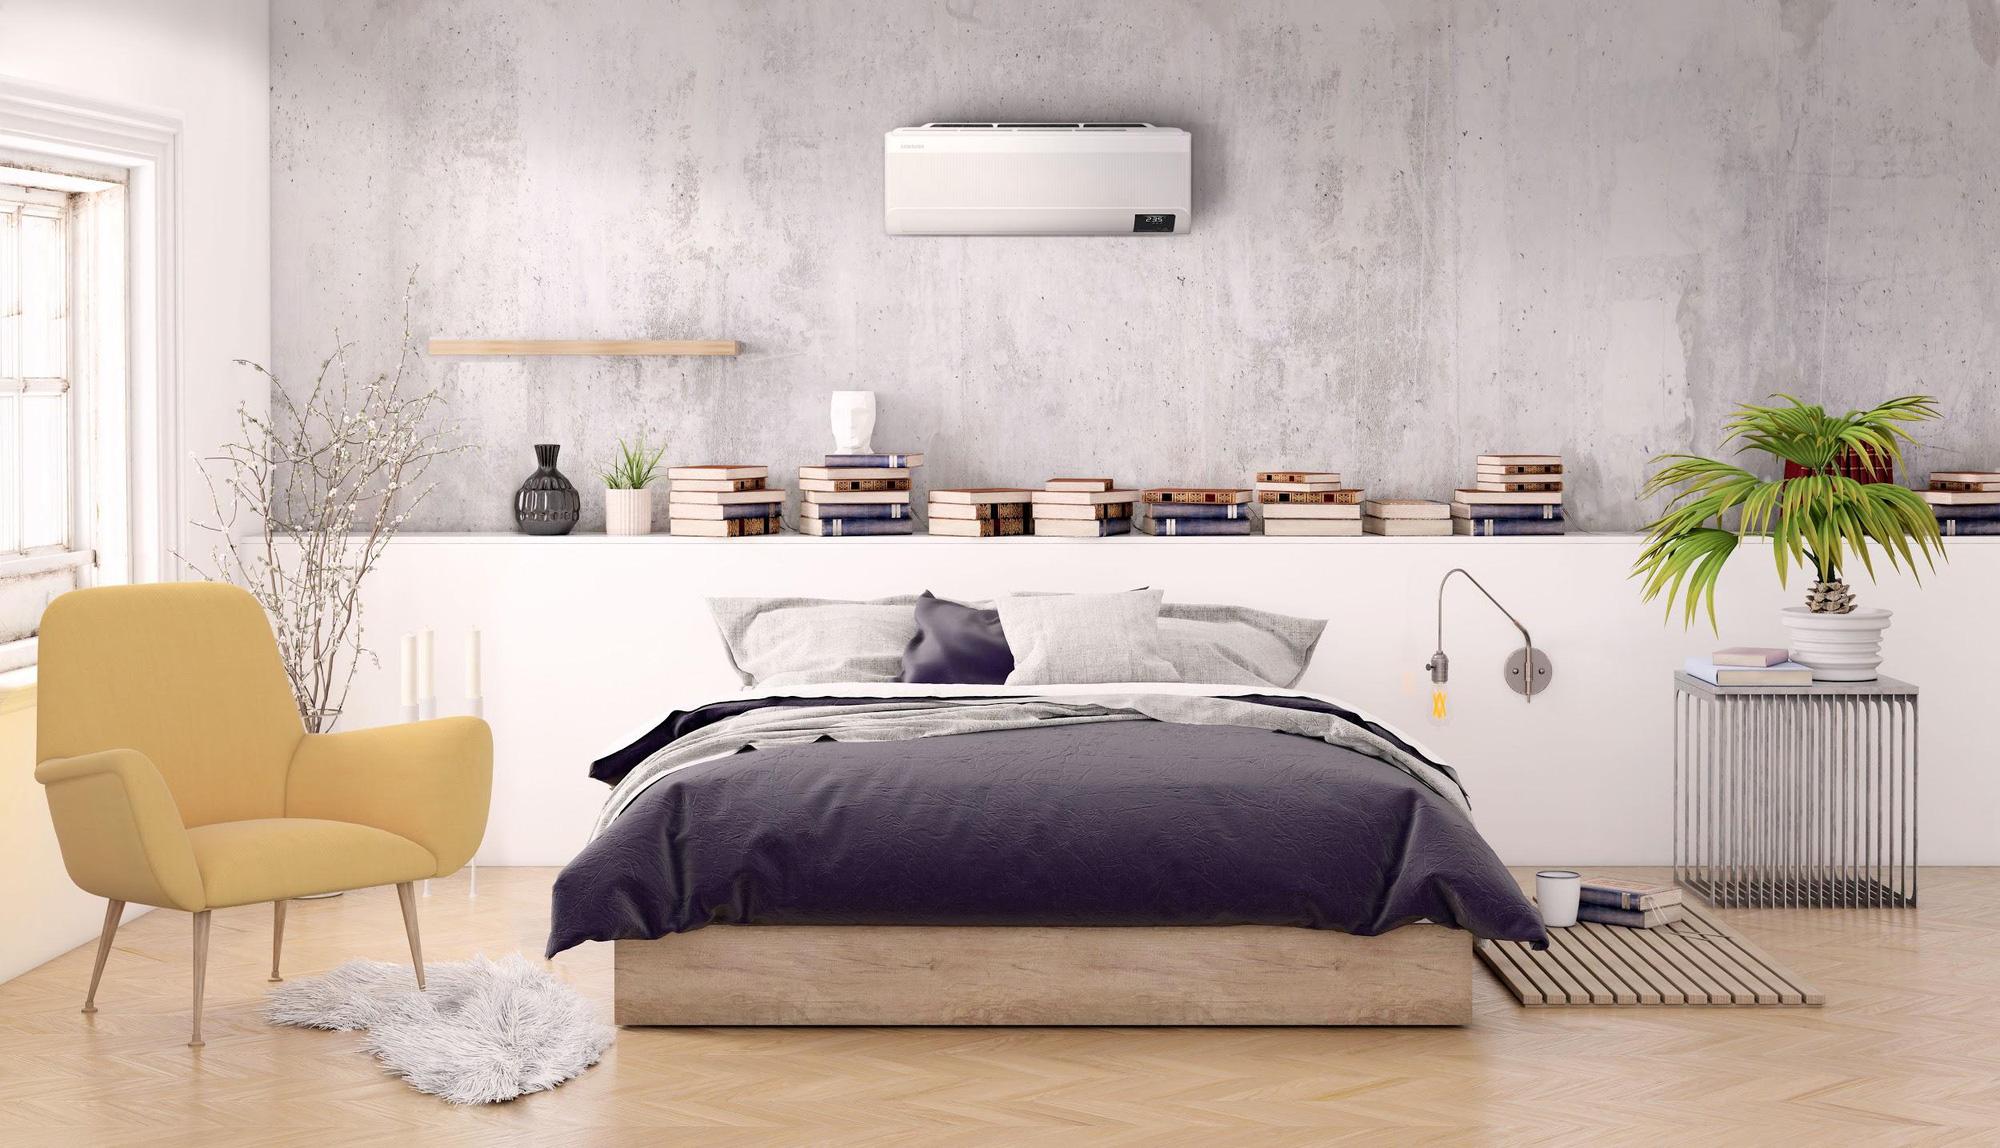 Đây là những cách đơn giản giúp bạn ngủ ngon một mạch đến sáng trong ngày hè nóng nực - Ảnh 5.